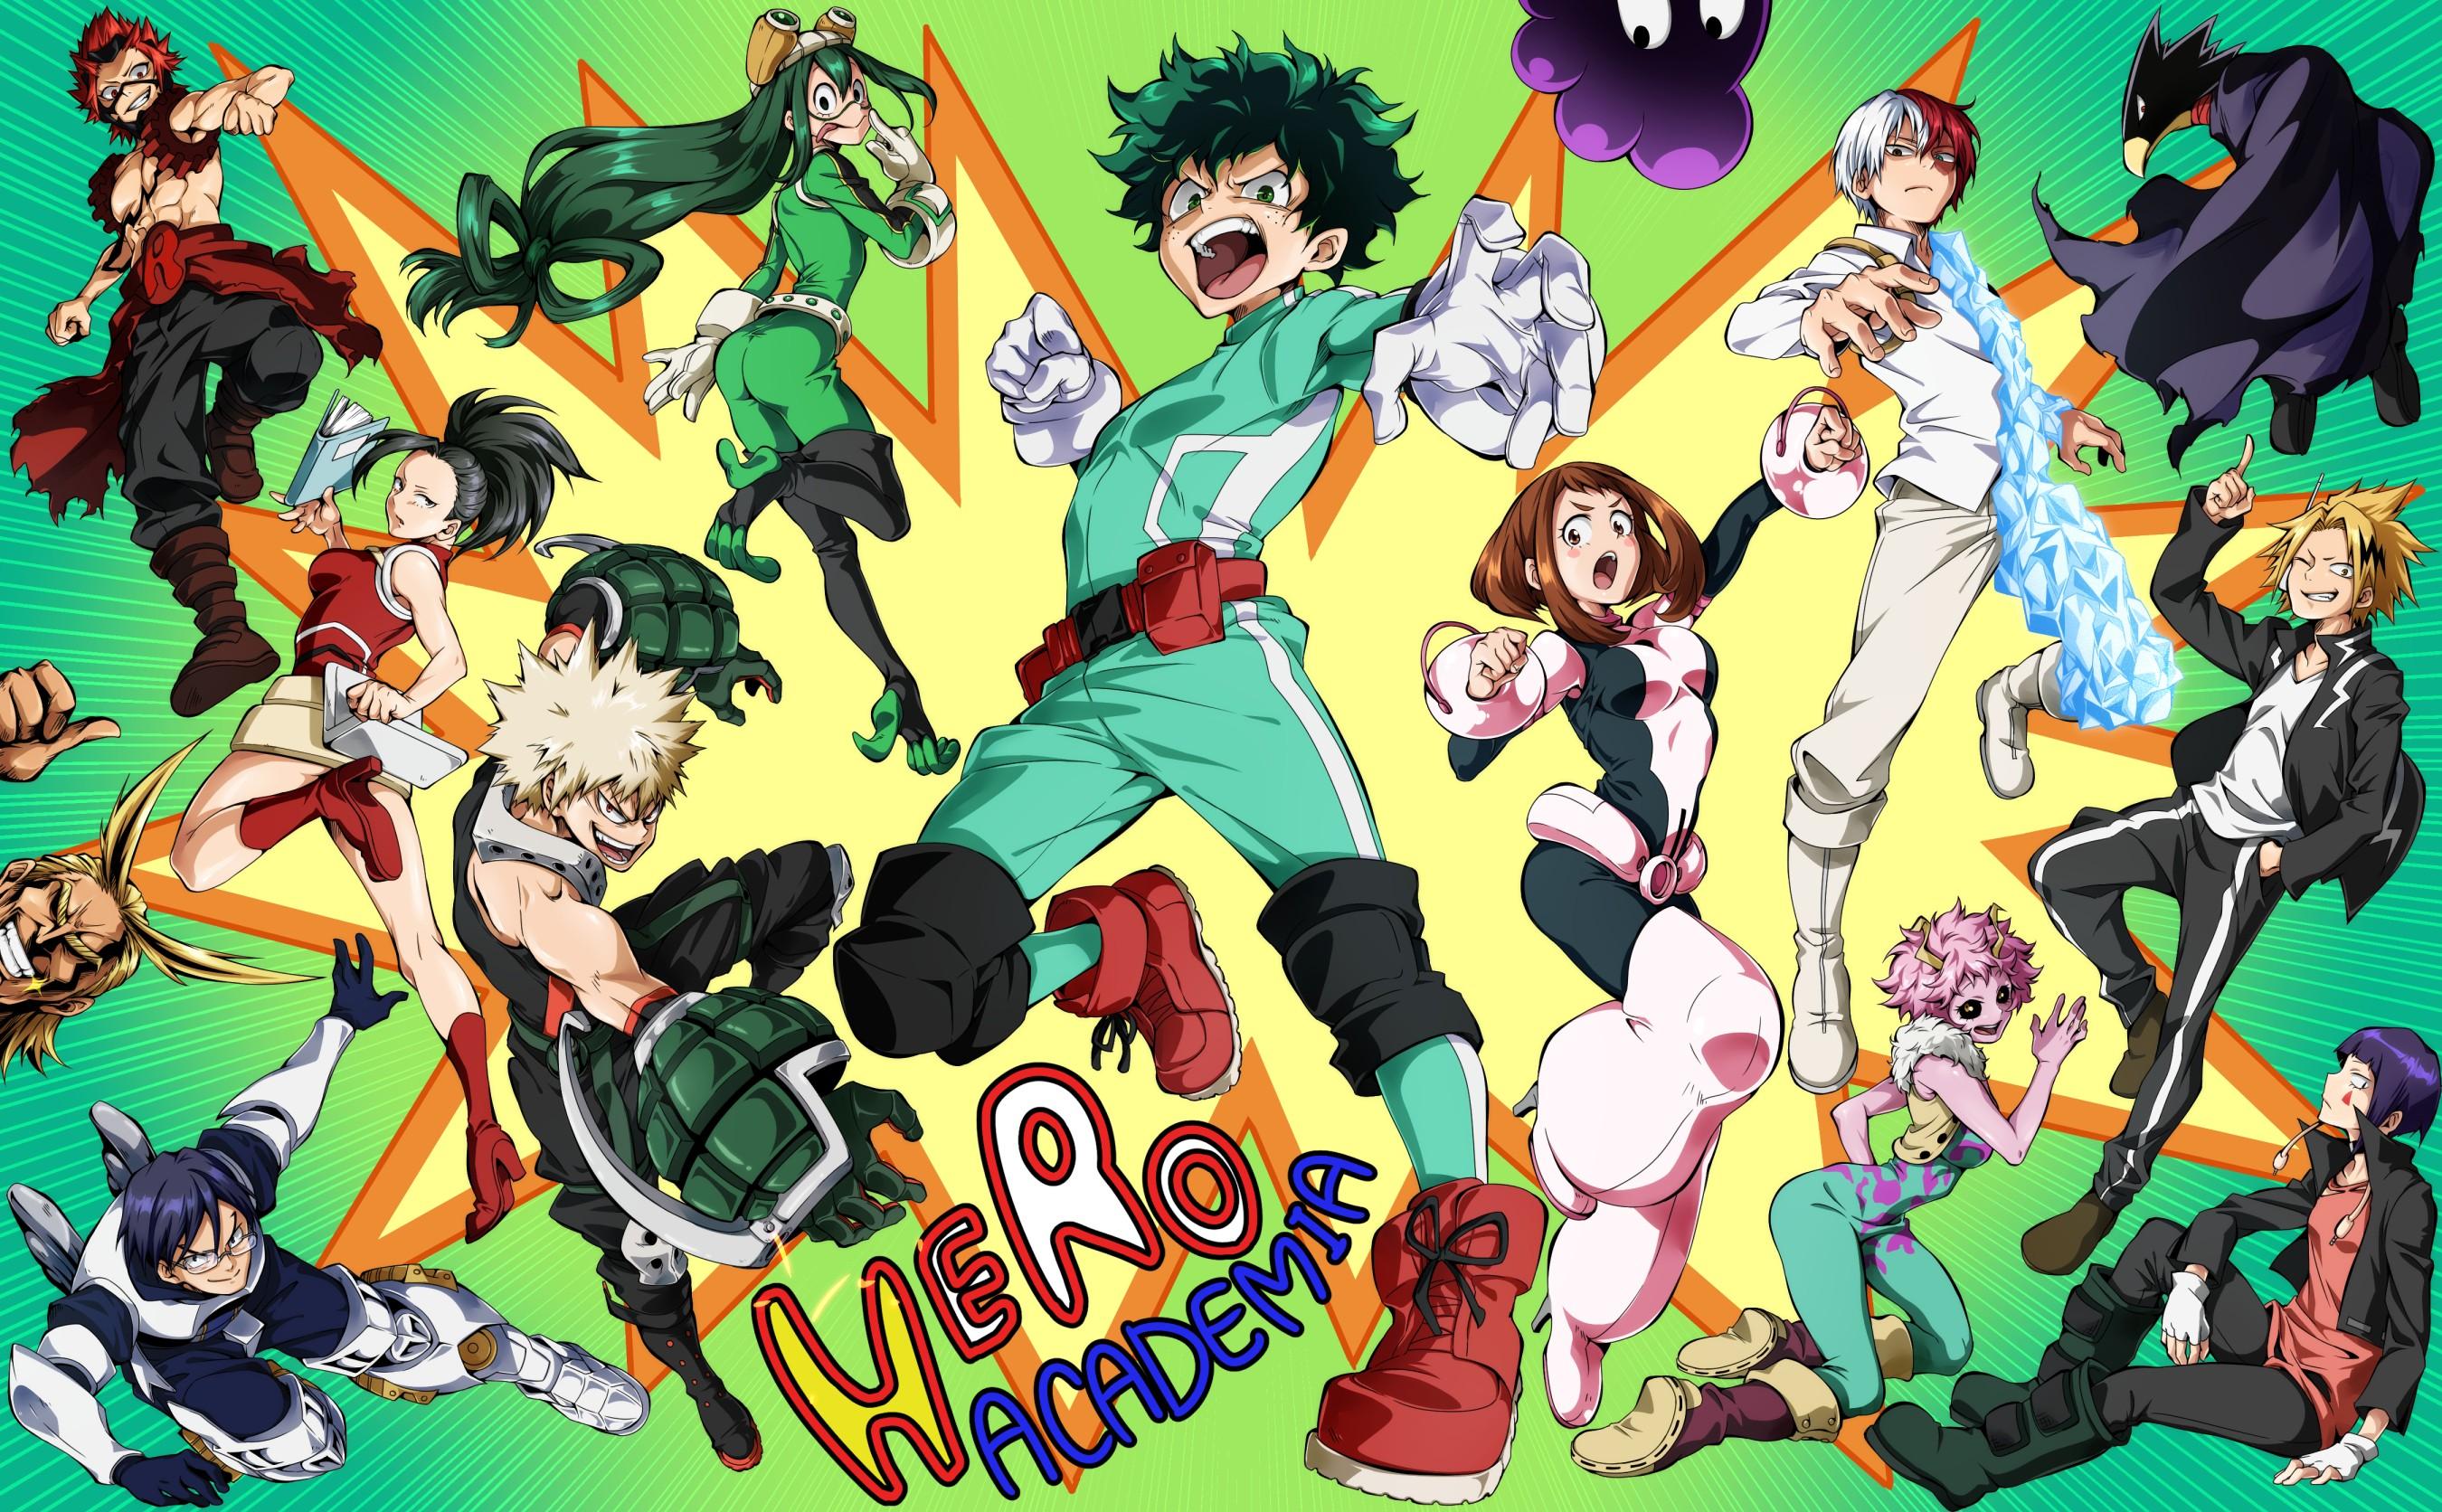 Wallpaper Boku No Hero Academia Midoriya Izuku Tsuyu